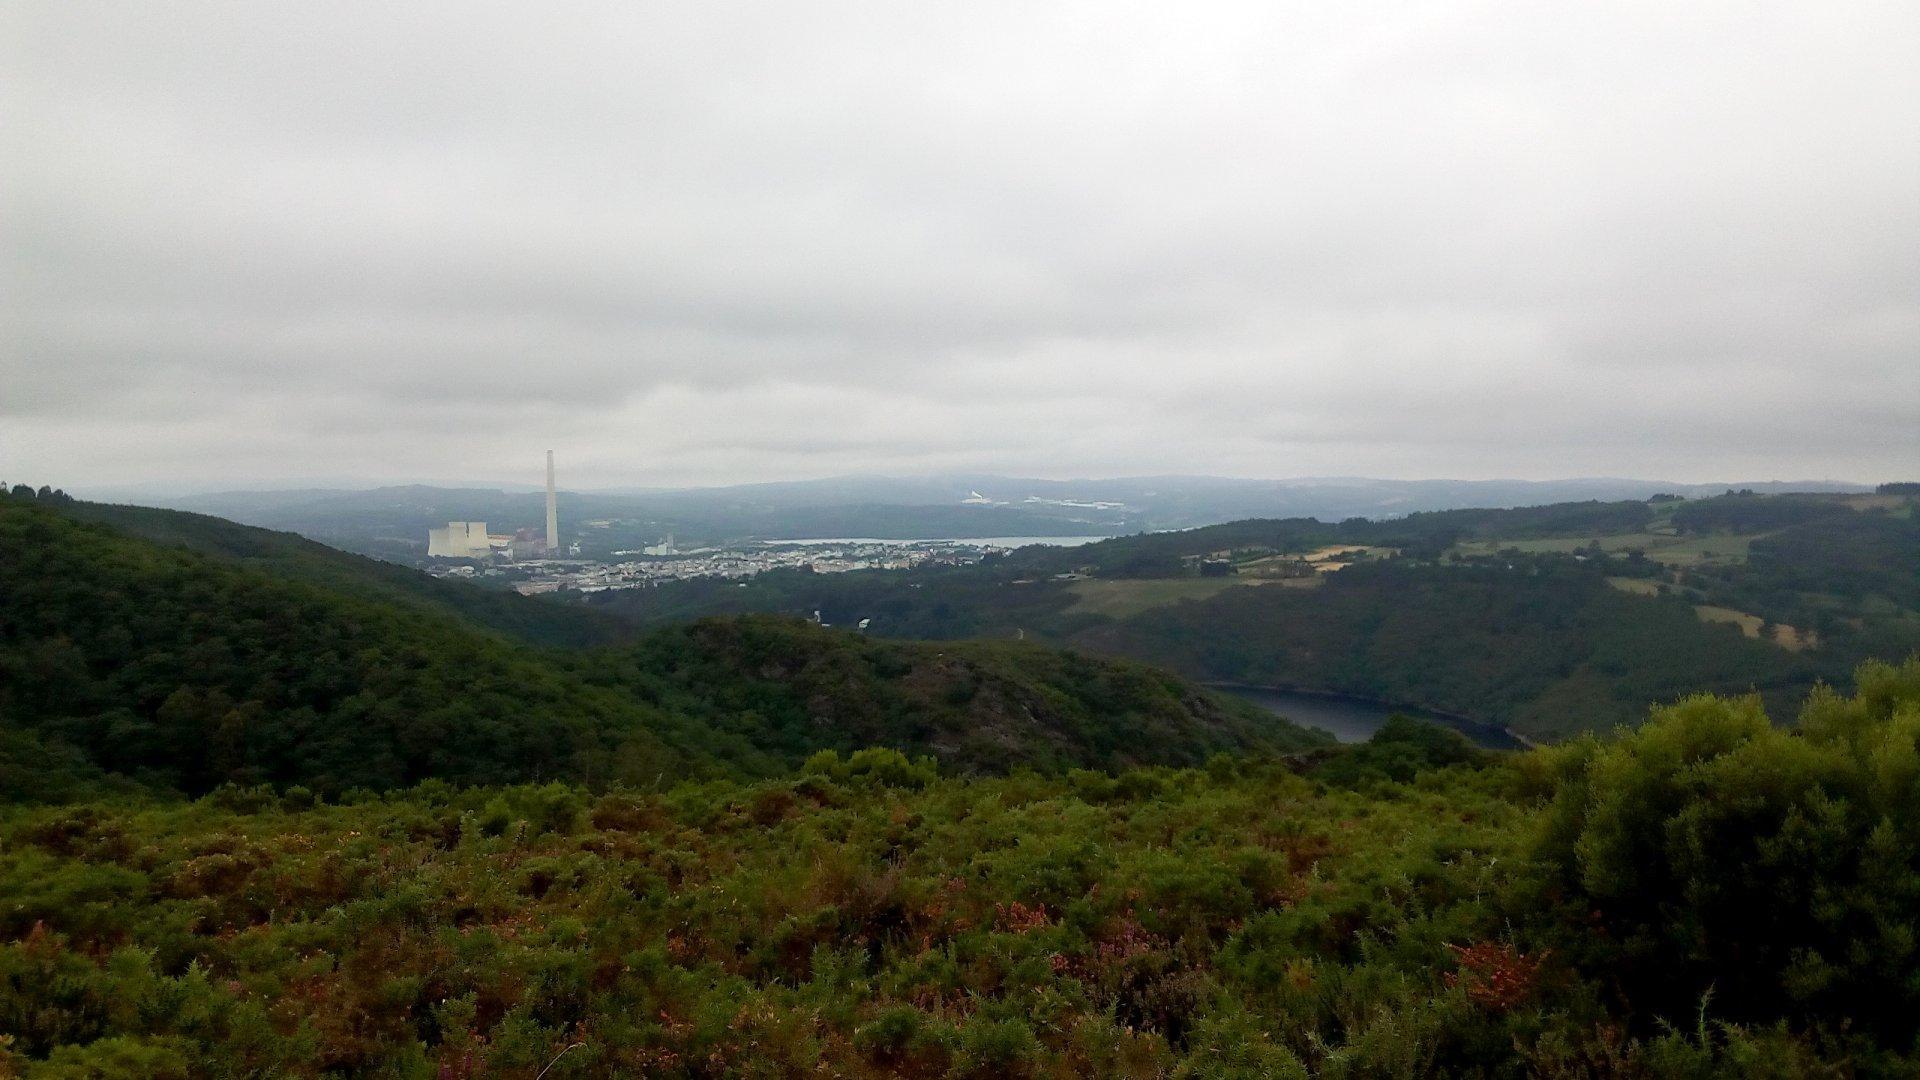 vista desde o km 5.5, As Pontes ao fondo